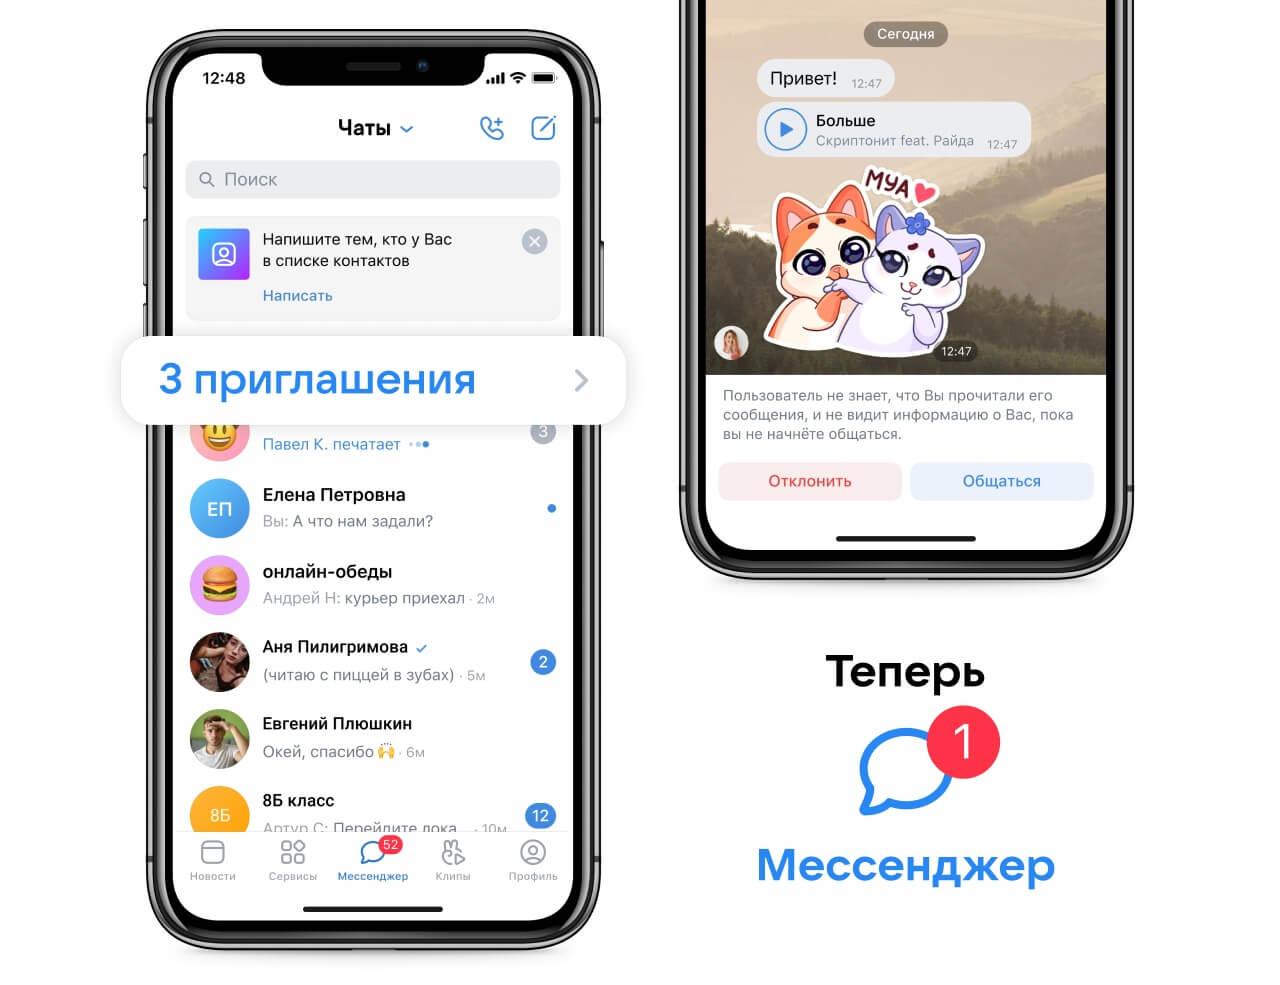 Как отправить сообщение ВКонтакте по номеру телефона